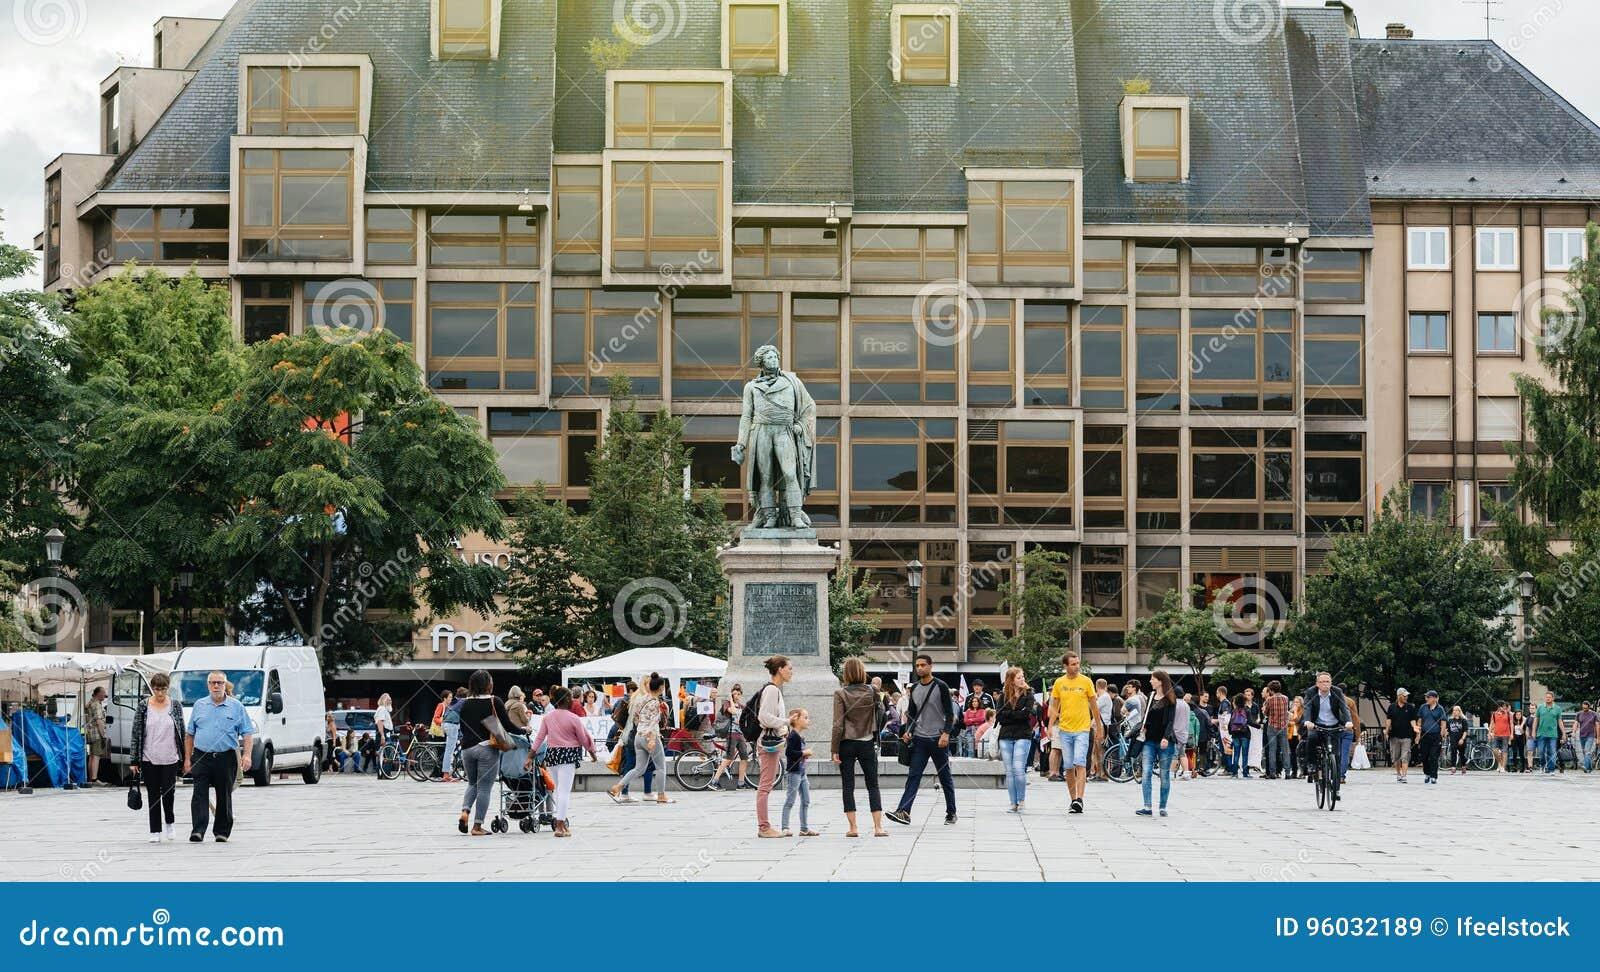 Miejsce Kleber z protestującymi w Francja